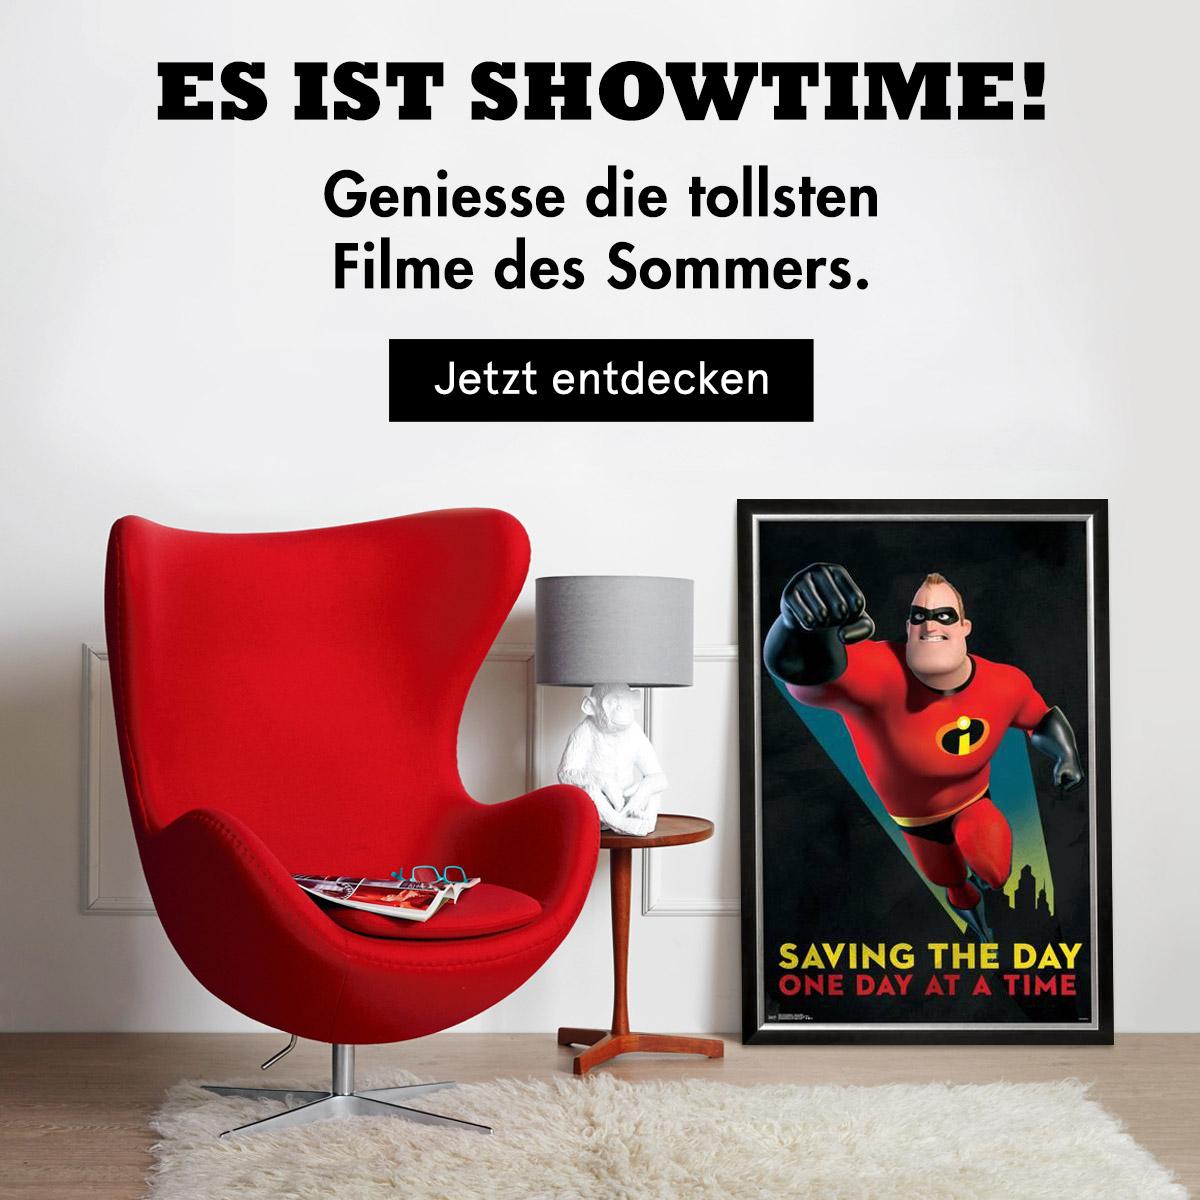 Es ist Showtime! Geniesse die tollsten Filme des Sommers. Jetzt entdecken